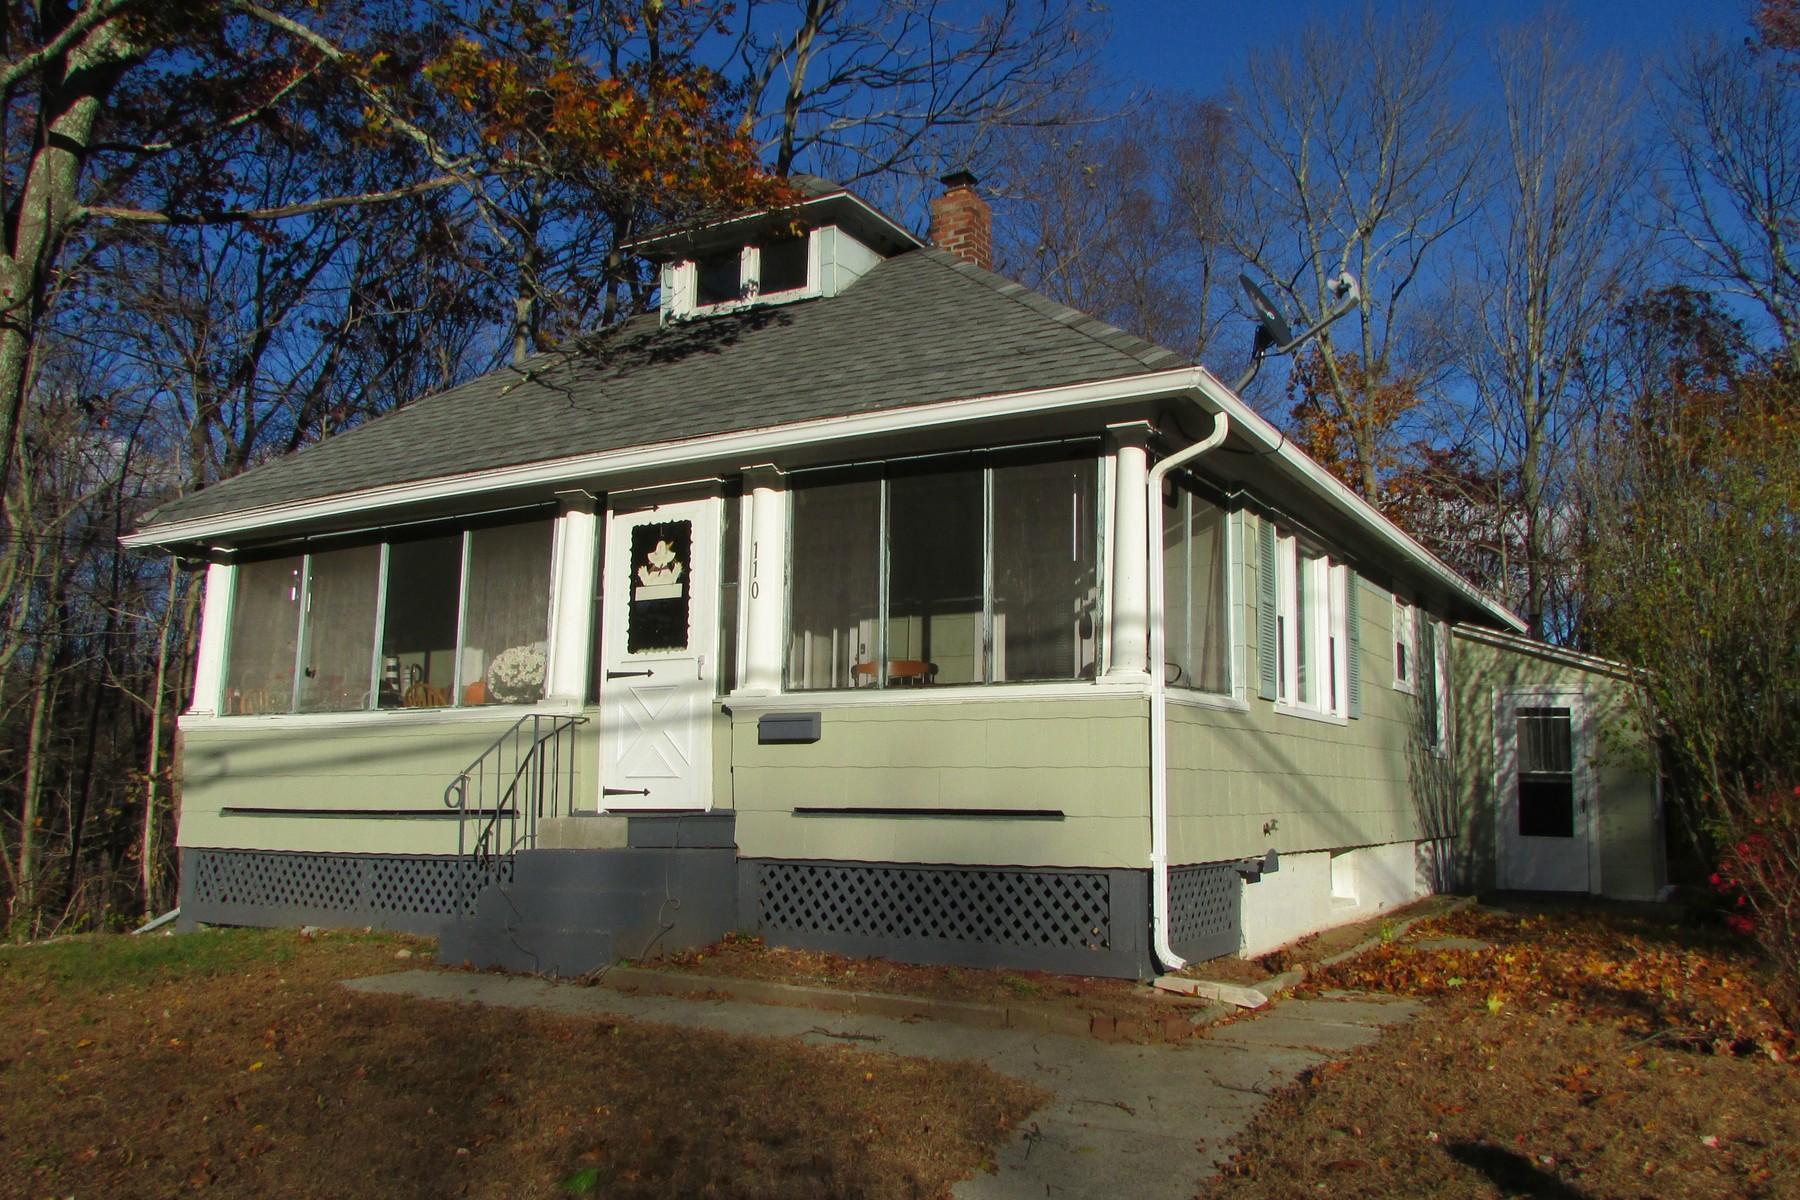 独户住宅 为 销售 在 Nicely Renovated Bungalow 110 Palmer St 诺维奇, 康涅狄格州 06360 美国